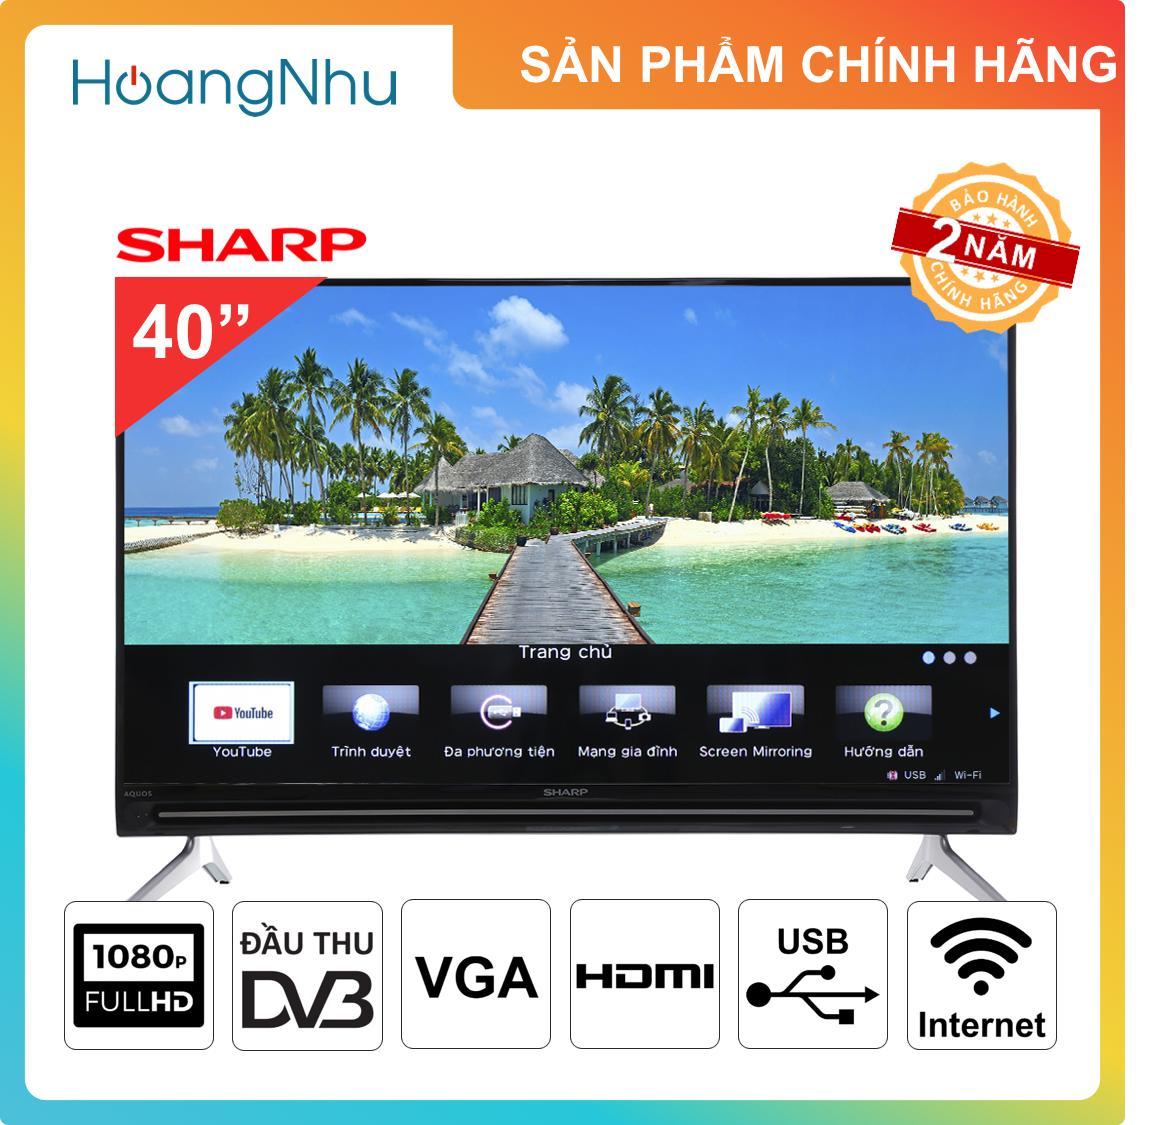 Bảng giá Smart Tivi Sharp 40 inch Full HD tích hợp đầu thu KTS model LC-40SA5500X / 2T-C40AE1X - Bảo hành 2 năm